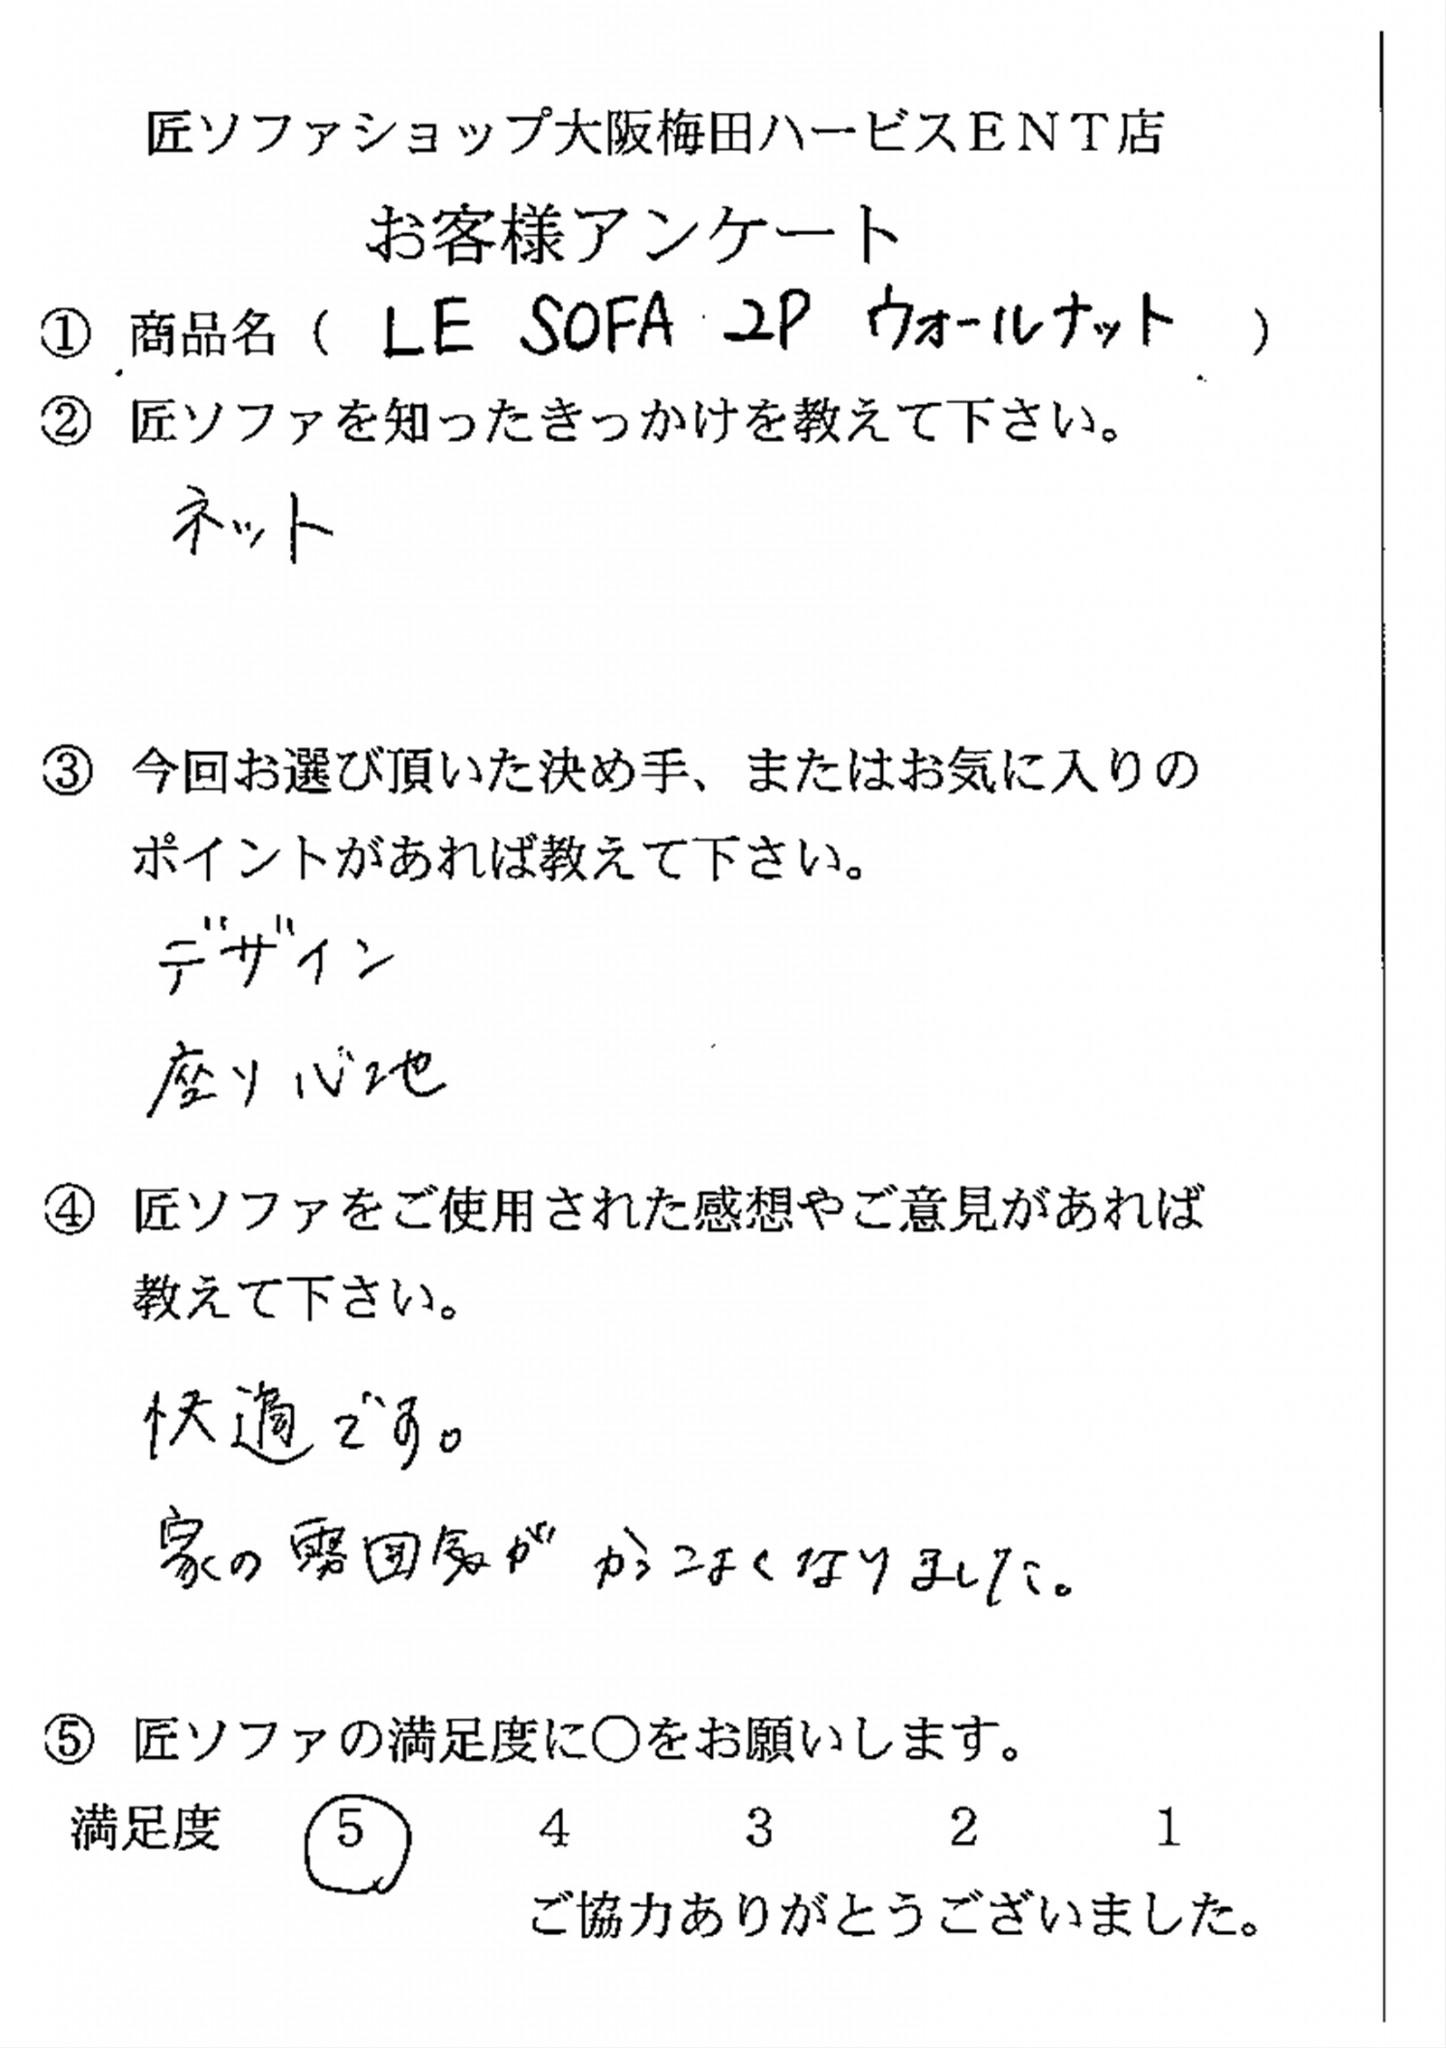 大阪府E様(LE SOFA)